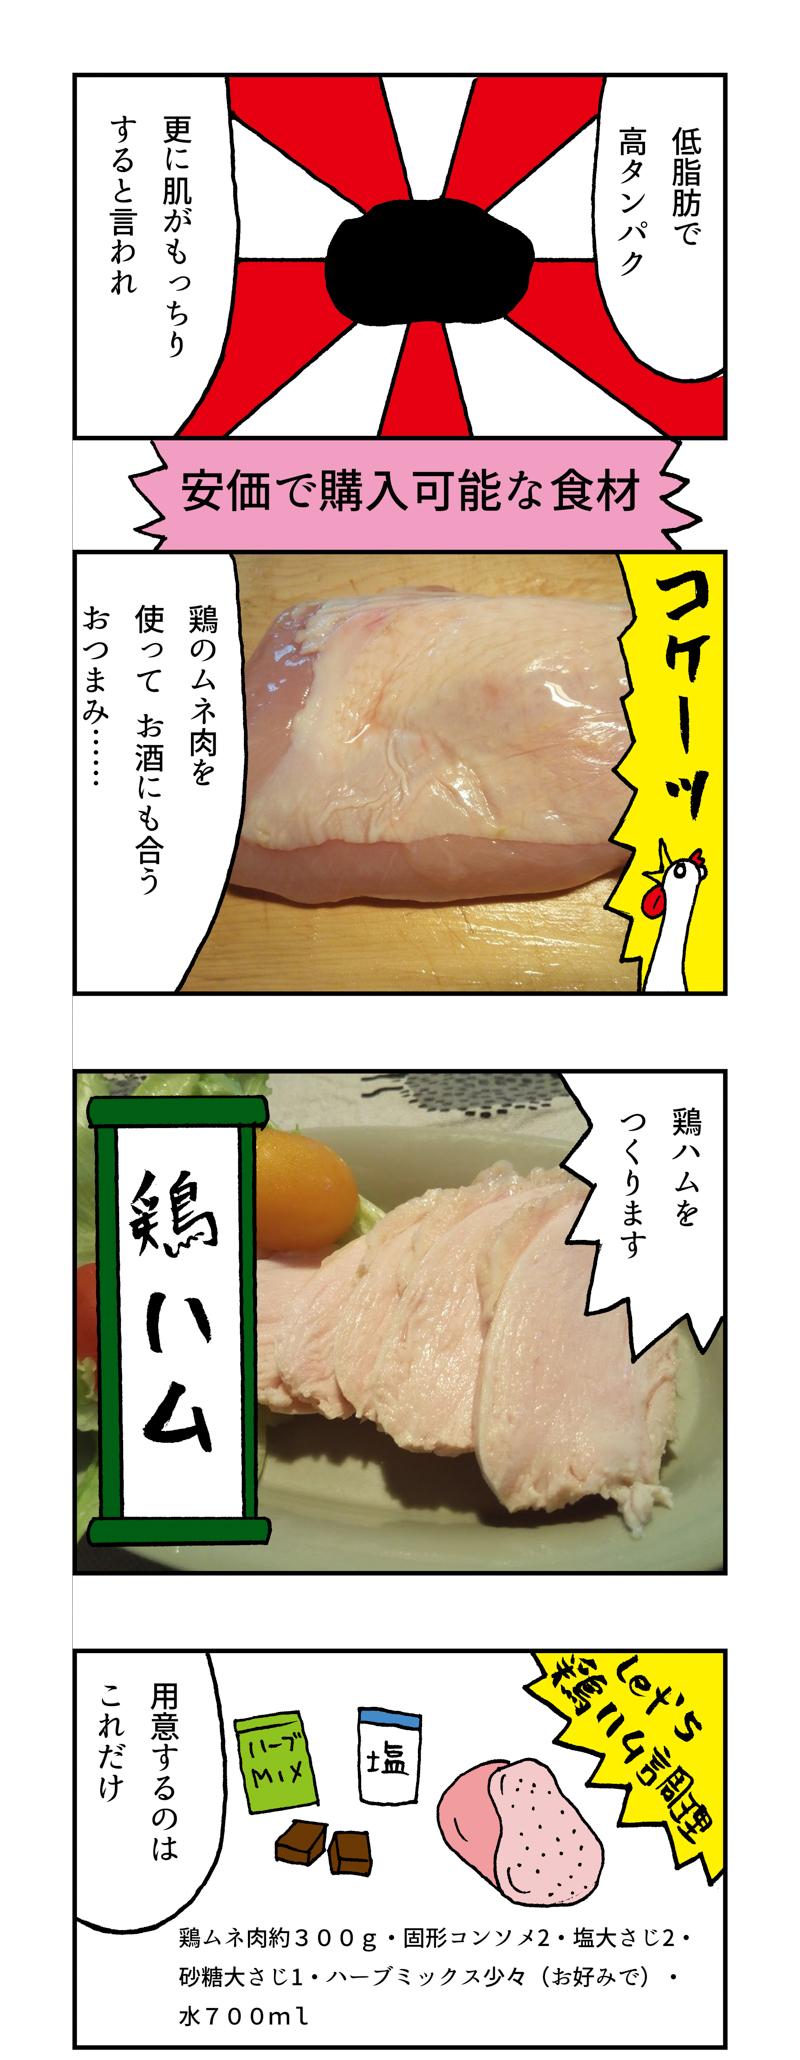 f:id:Meshi2_IB:20170831124458j:plain